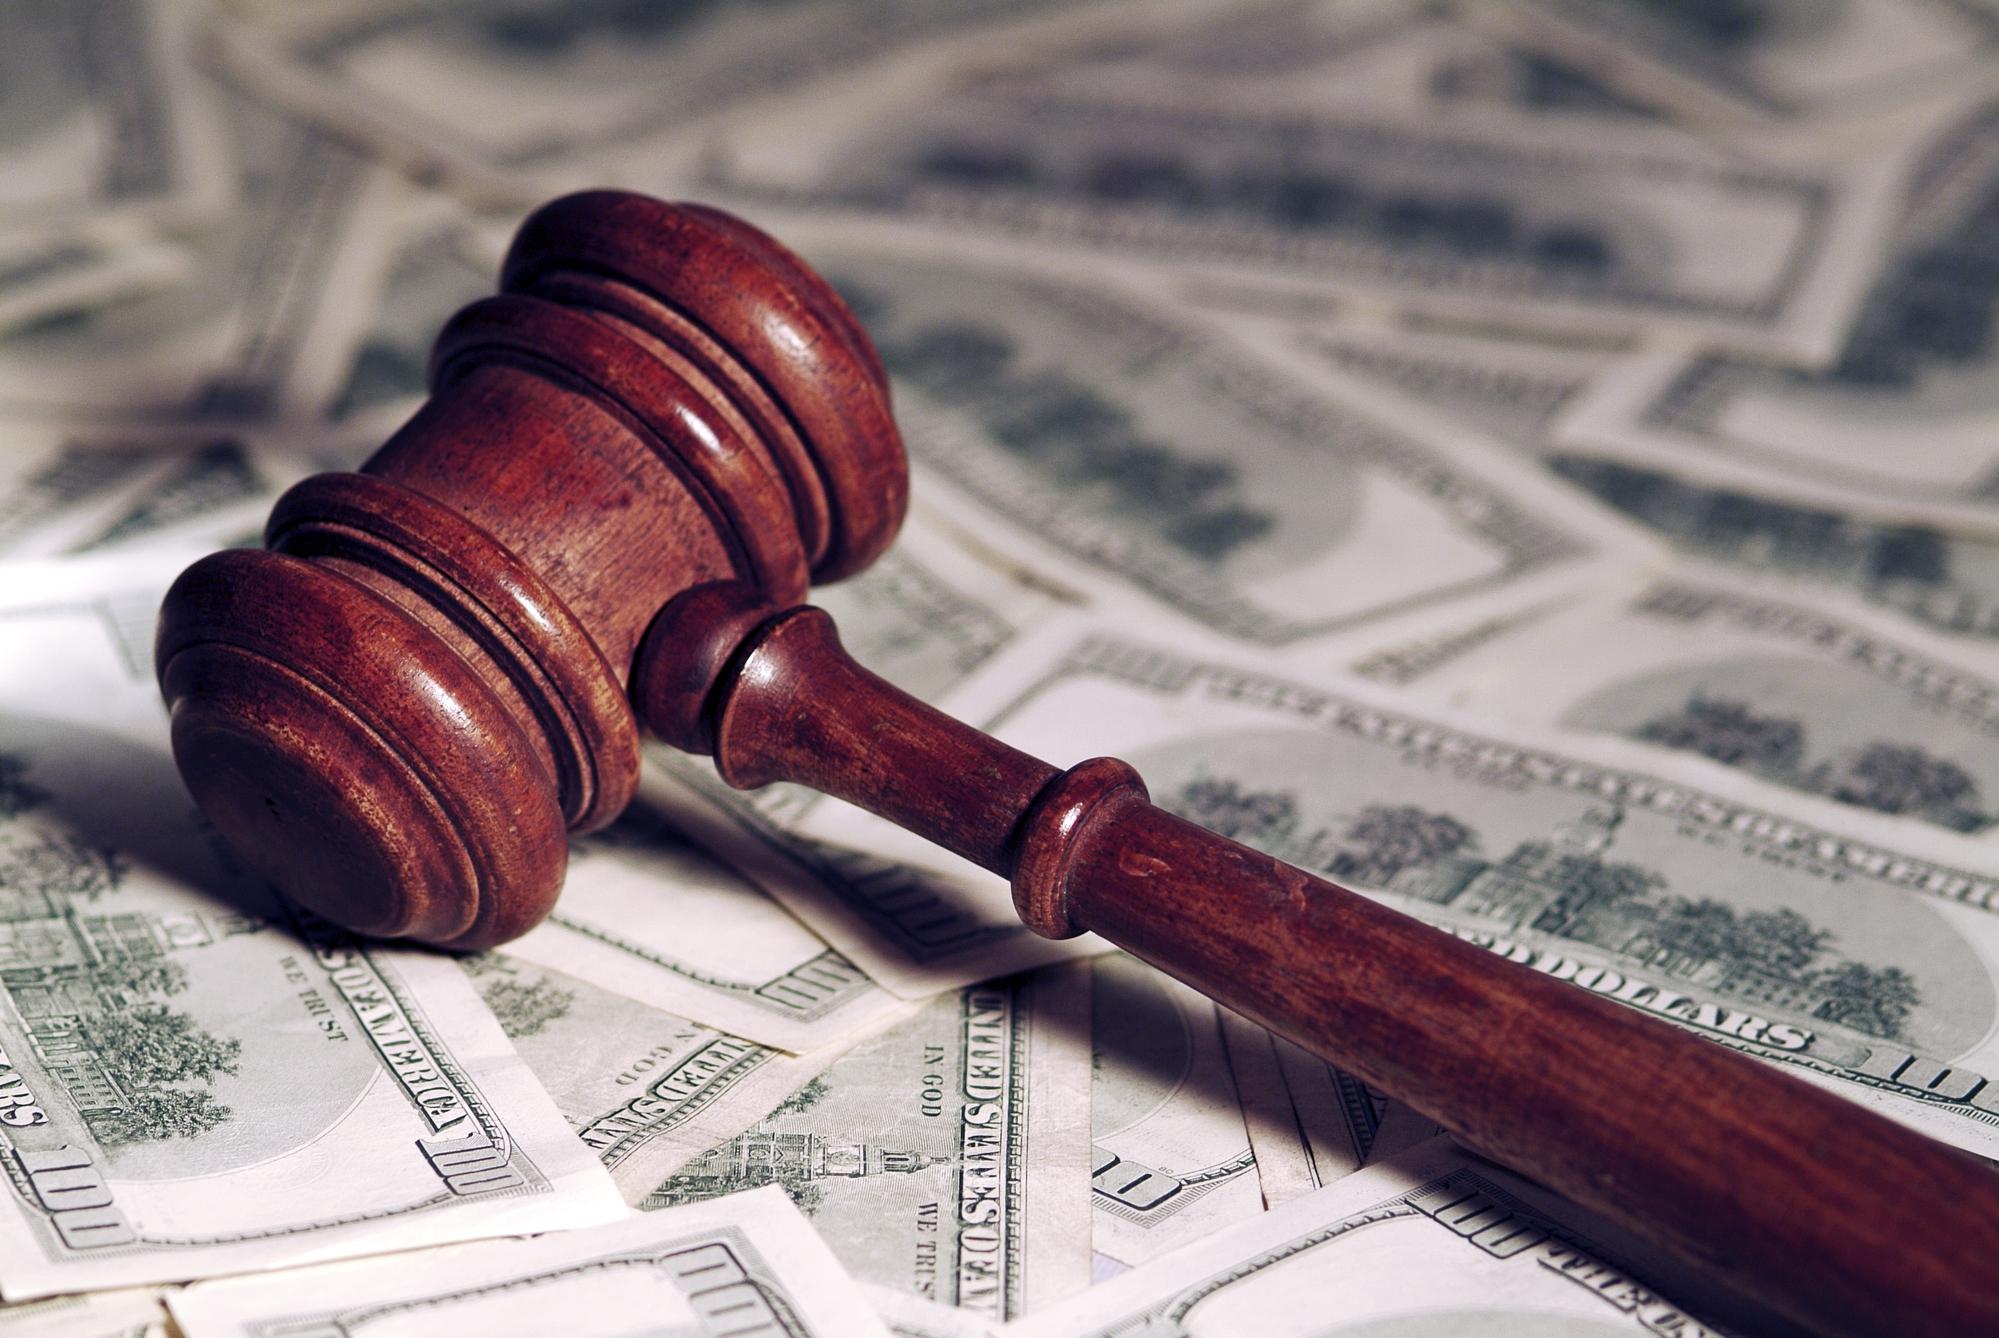 все Как избежать ответственности ооо по долгам по суду сверкающая